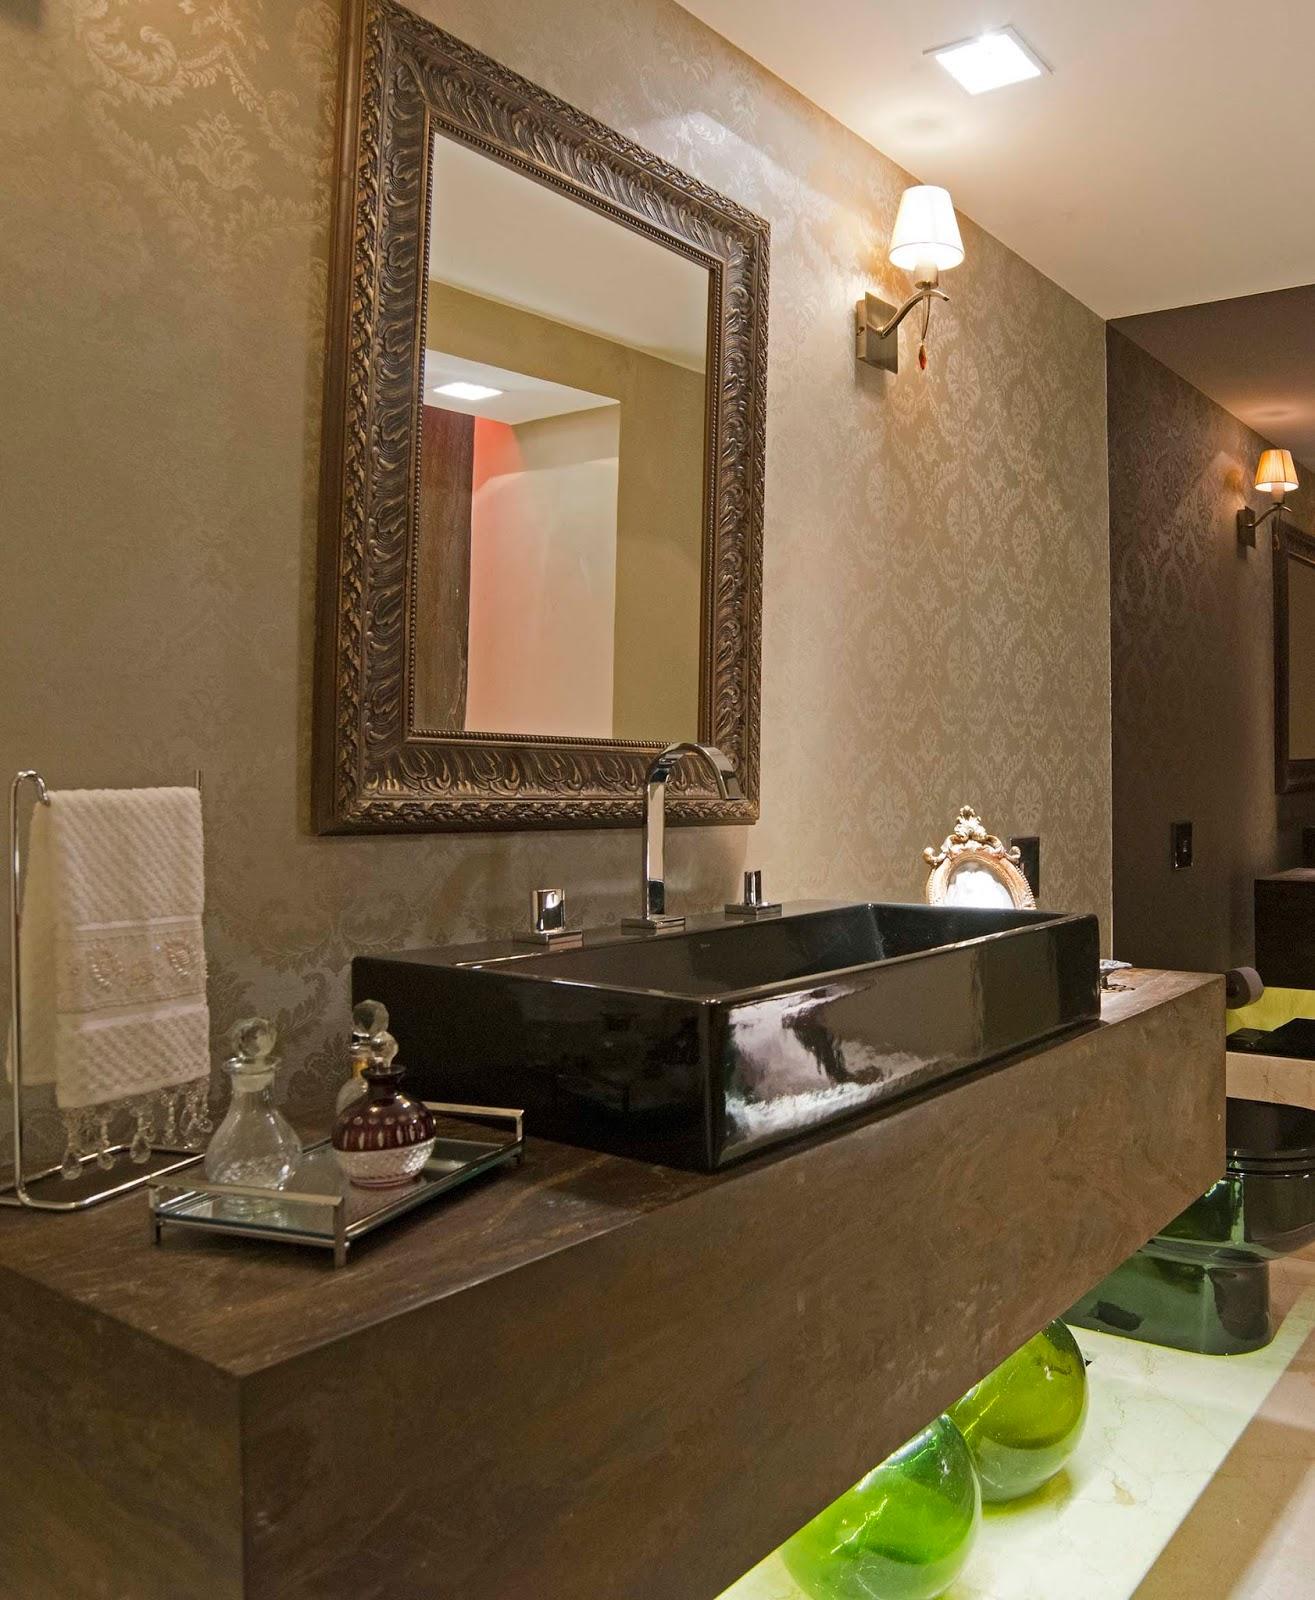 Decoração Banheiro Antigo  gotoworldfrcom decoração de banheiro simples de  -> Decoracao De Banheiros Com Moveis Antigos